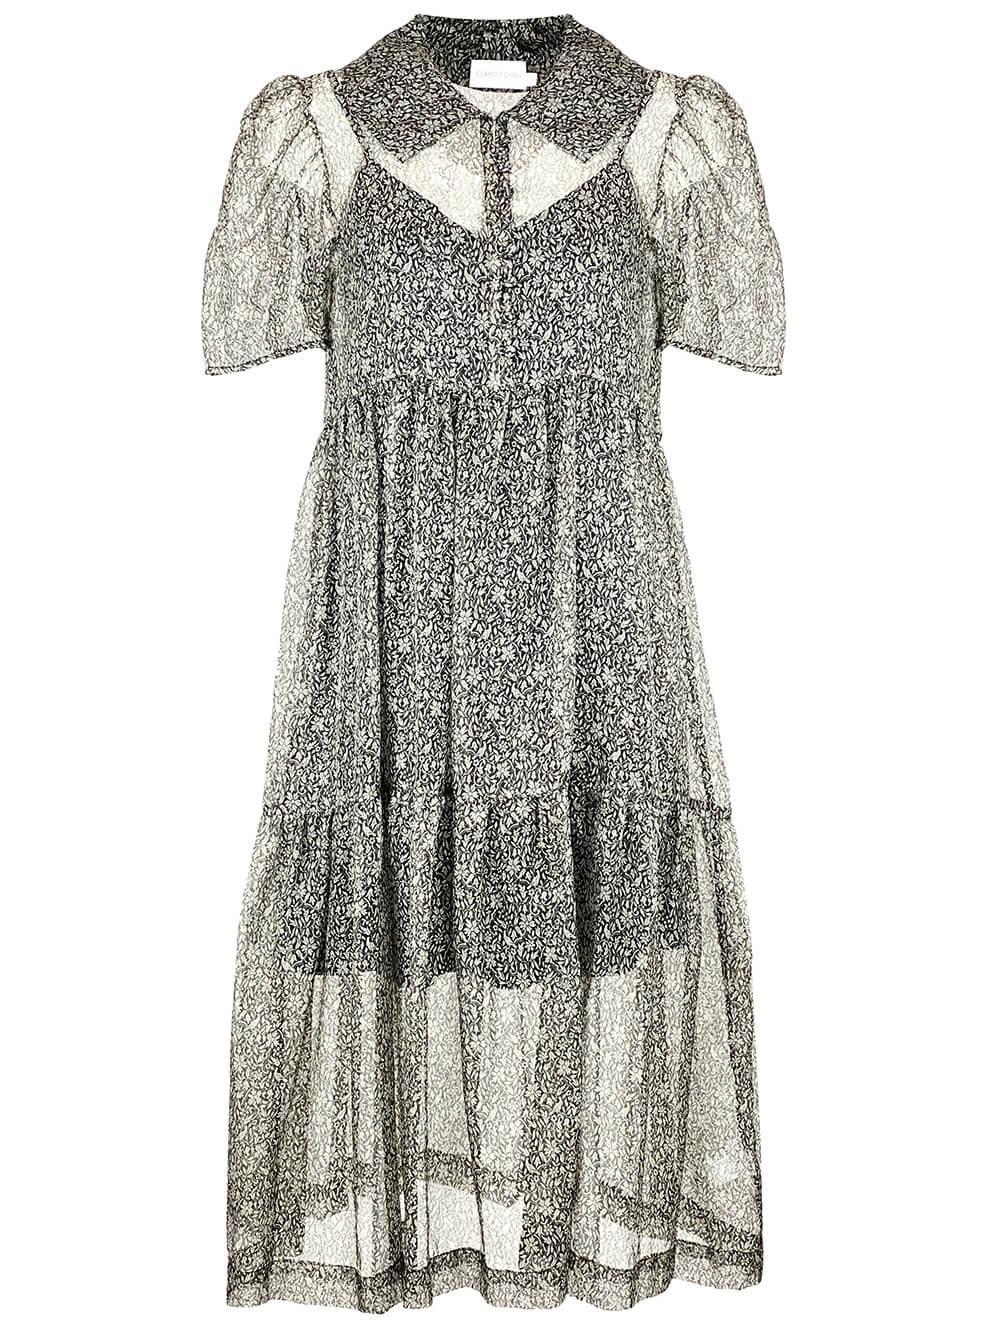 Eve Organza Midi Dress Item # CLD79